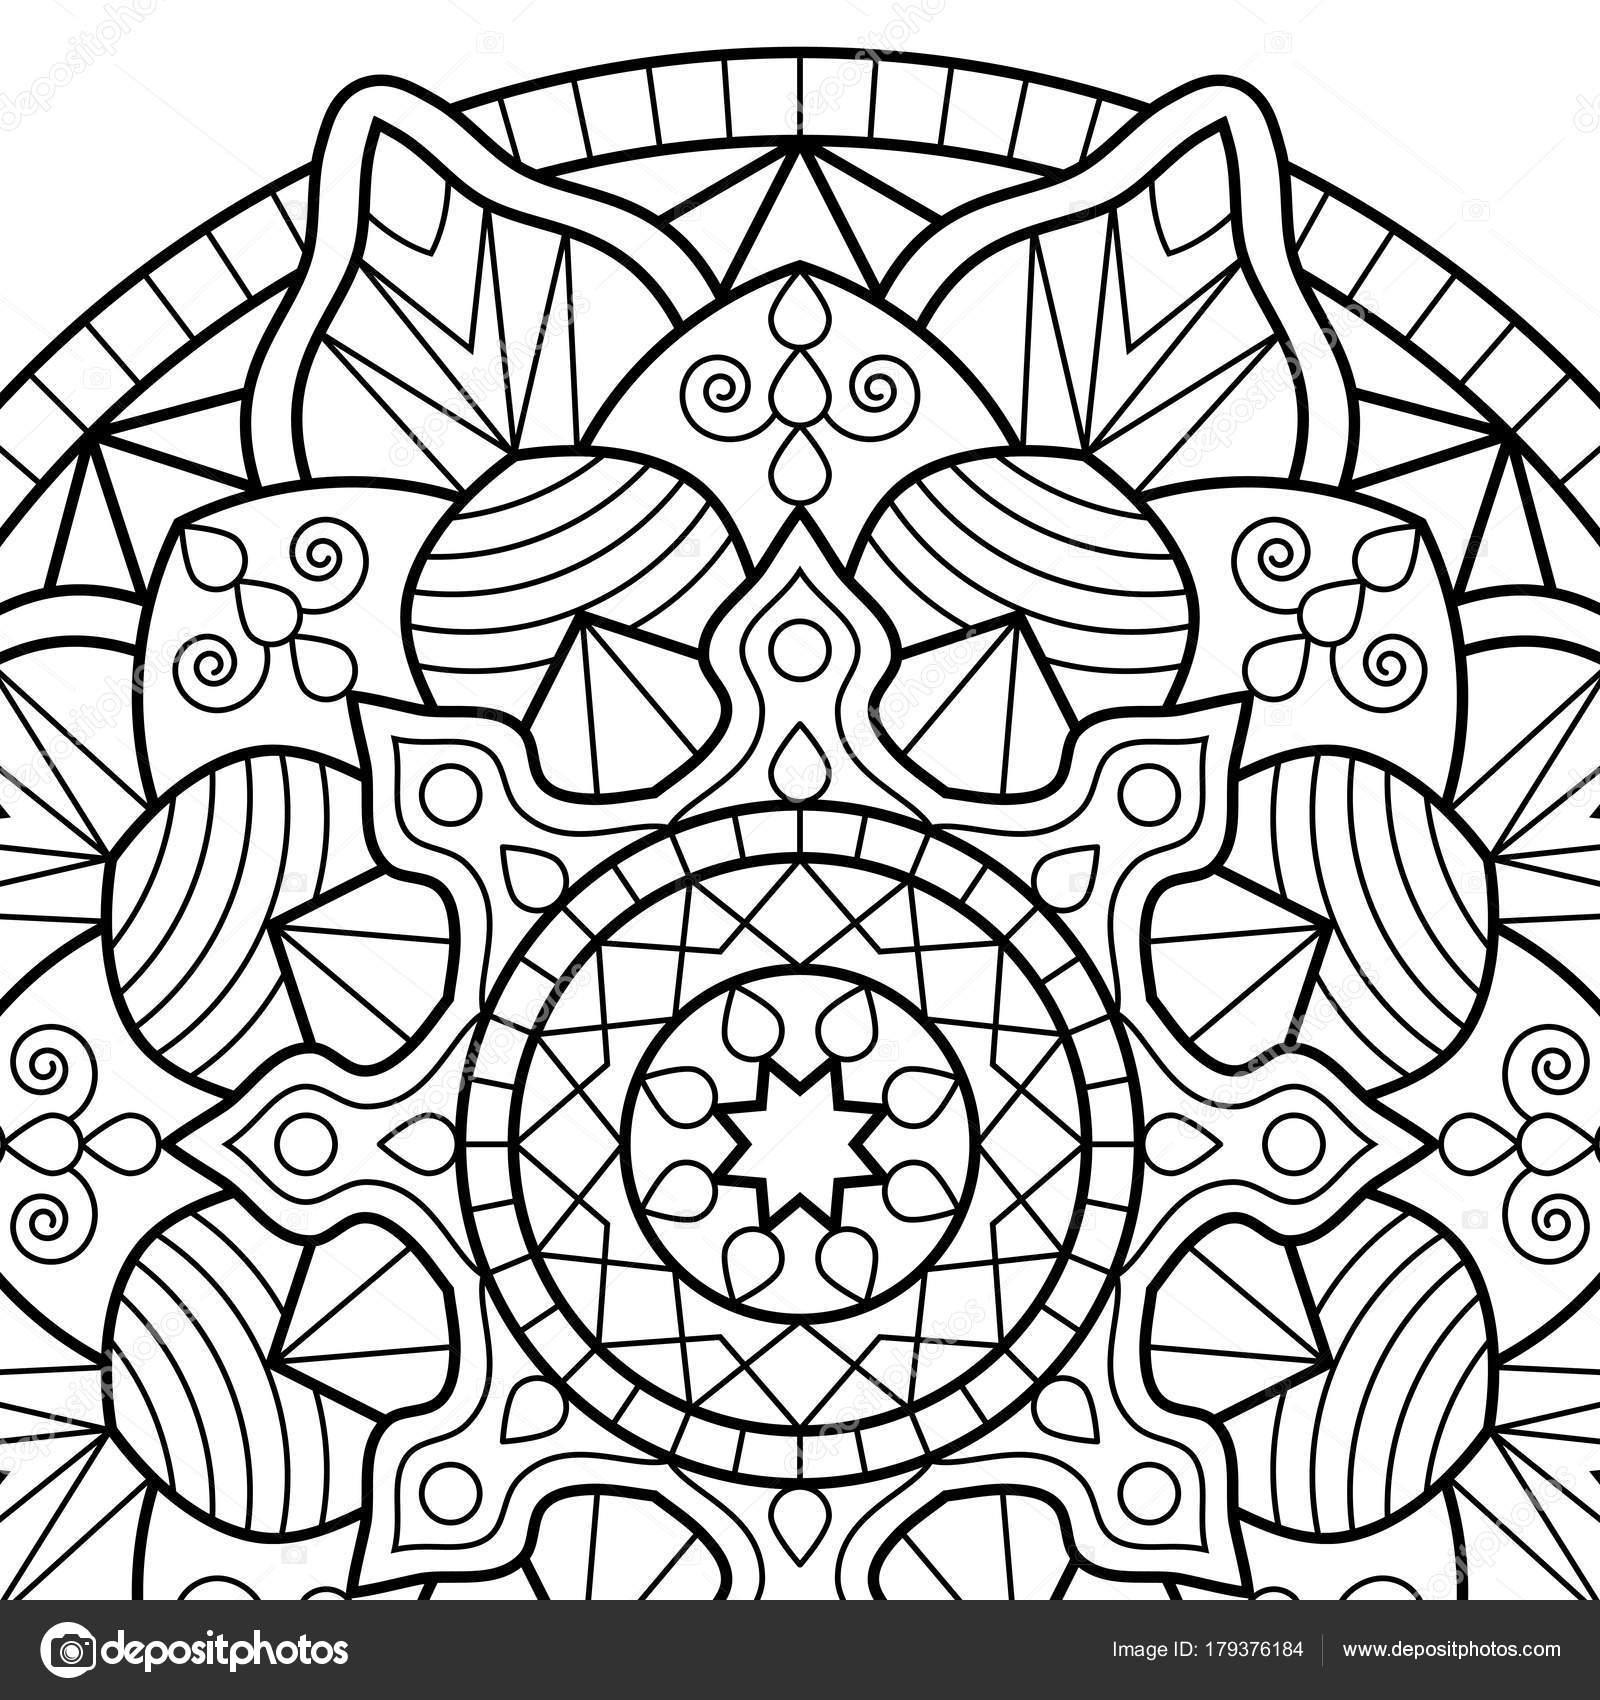 Mandalas antiestres para colorear   Dibujos para colorear libro